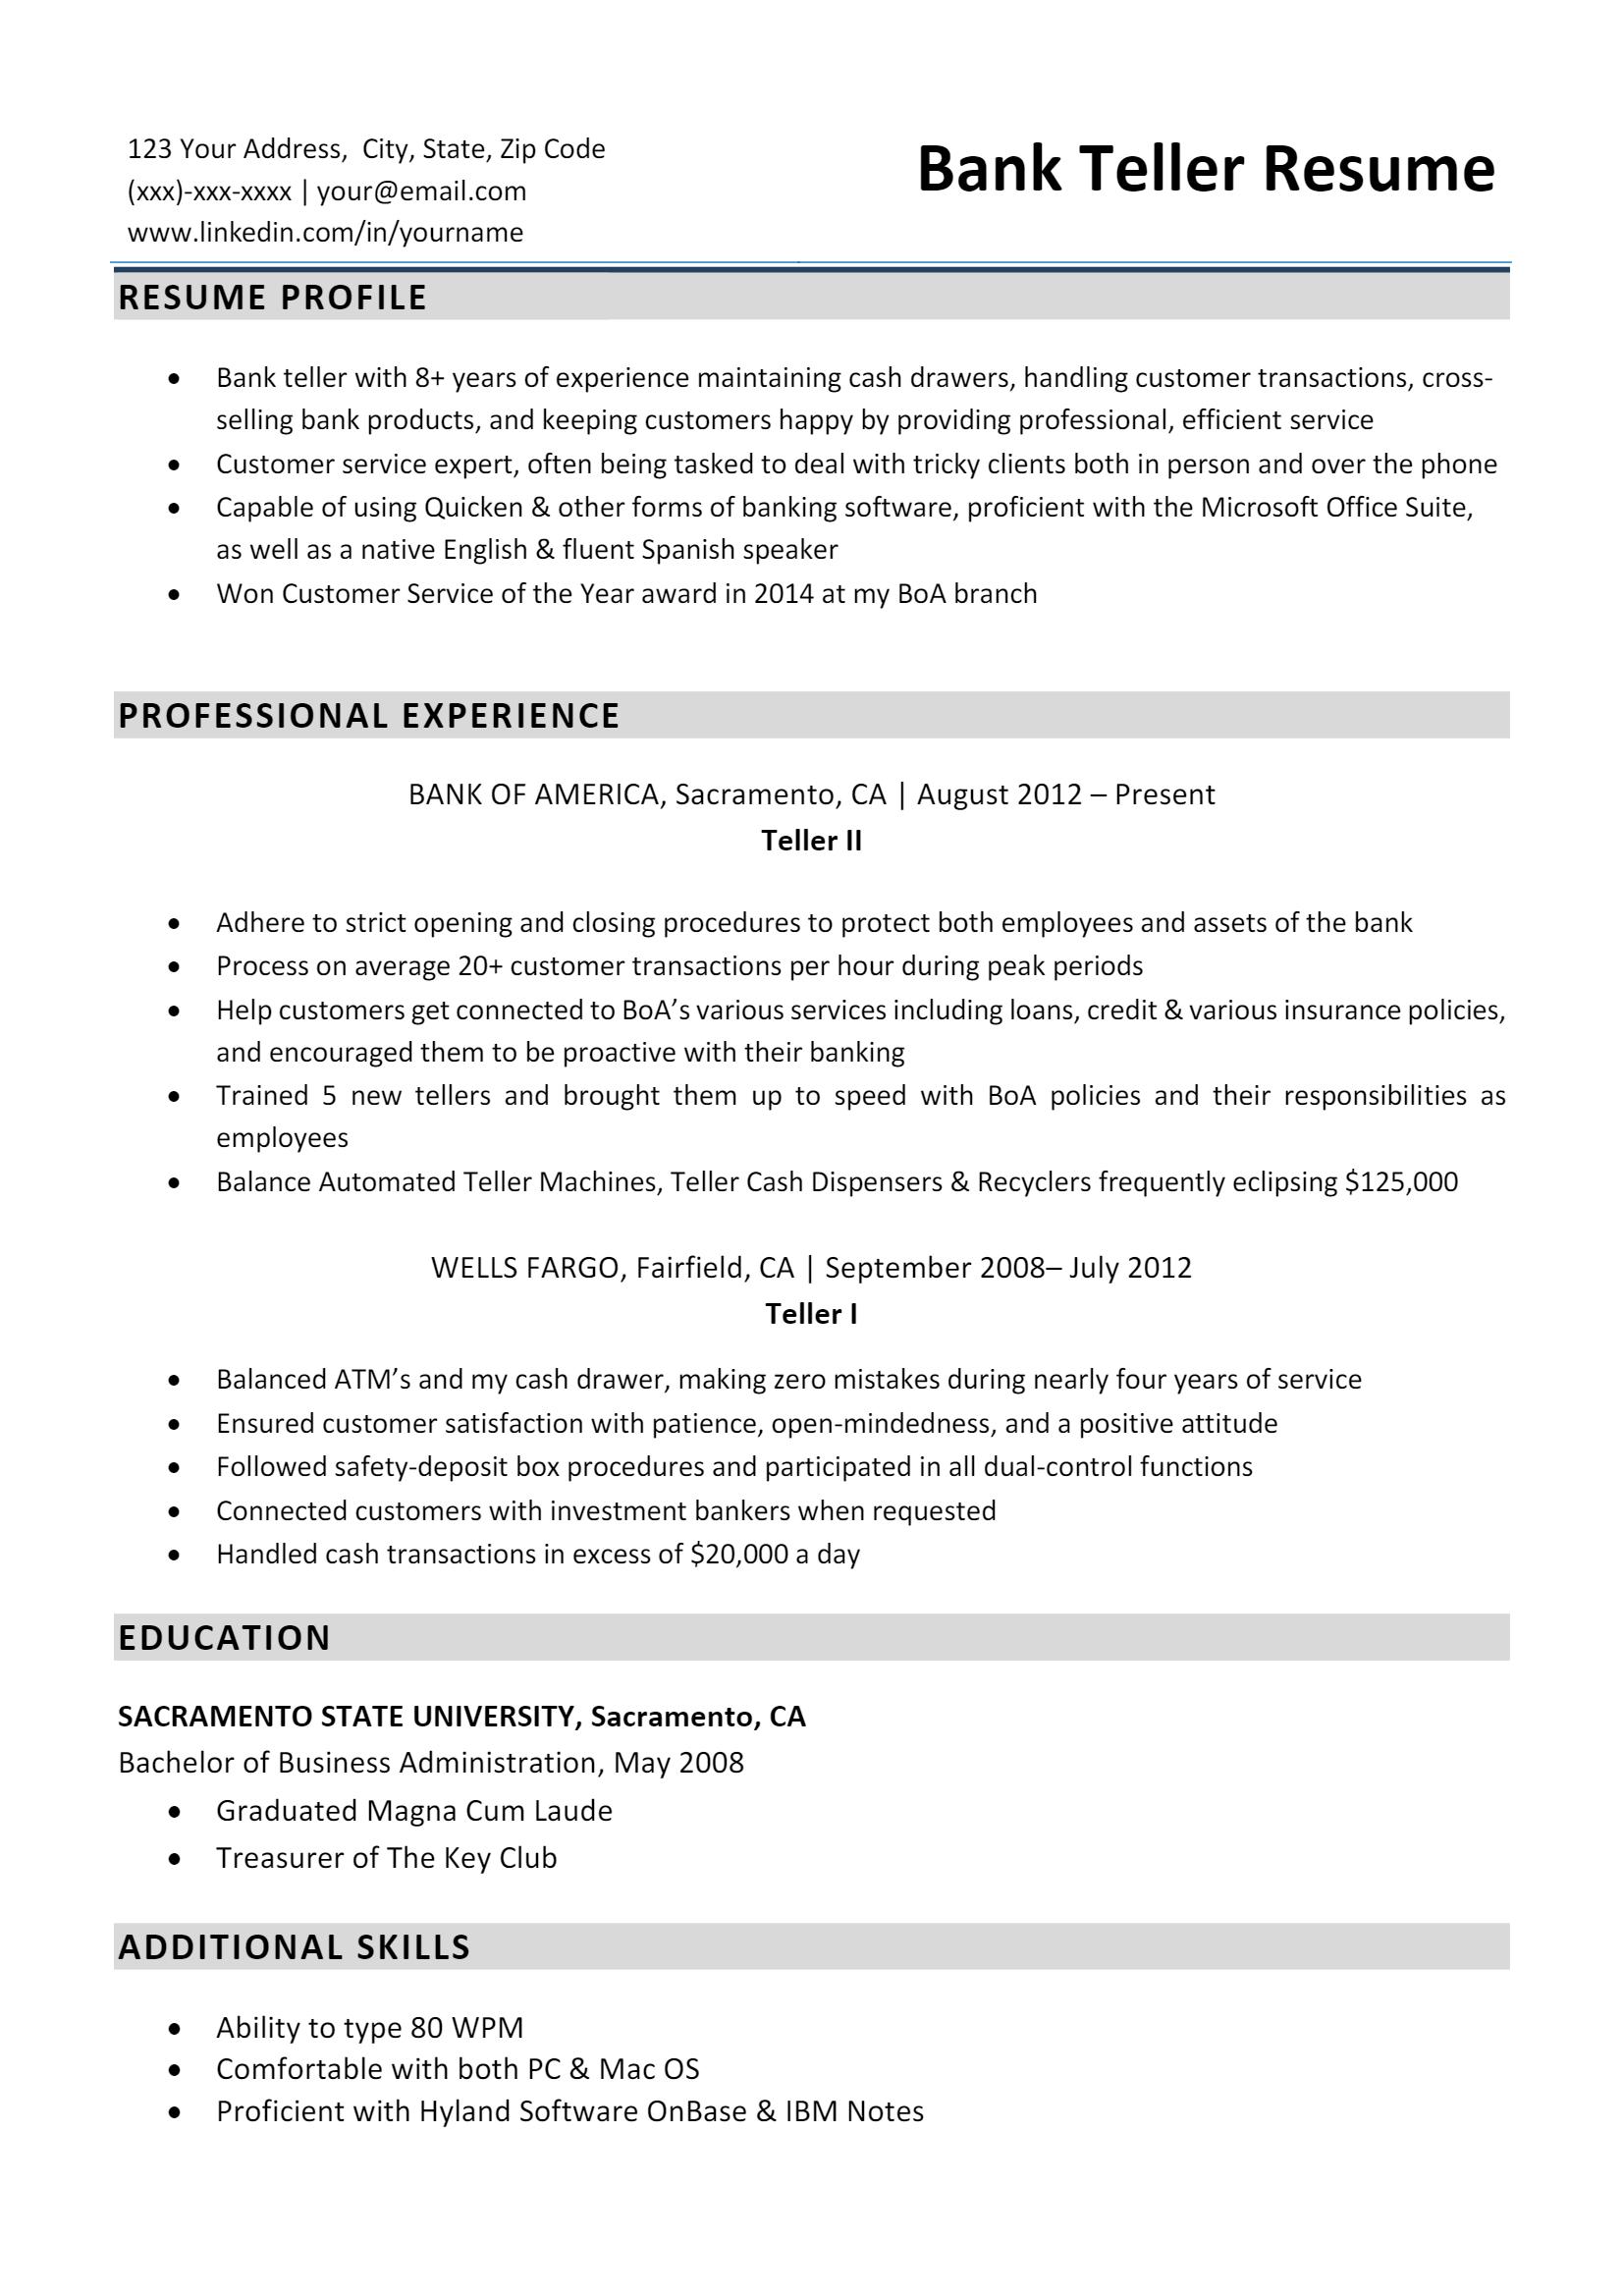 Bank Teller Resume > Bank Teller Resume .Docx (Word)